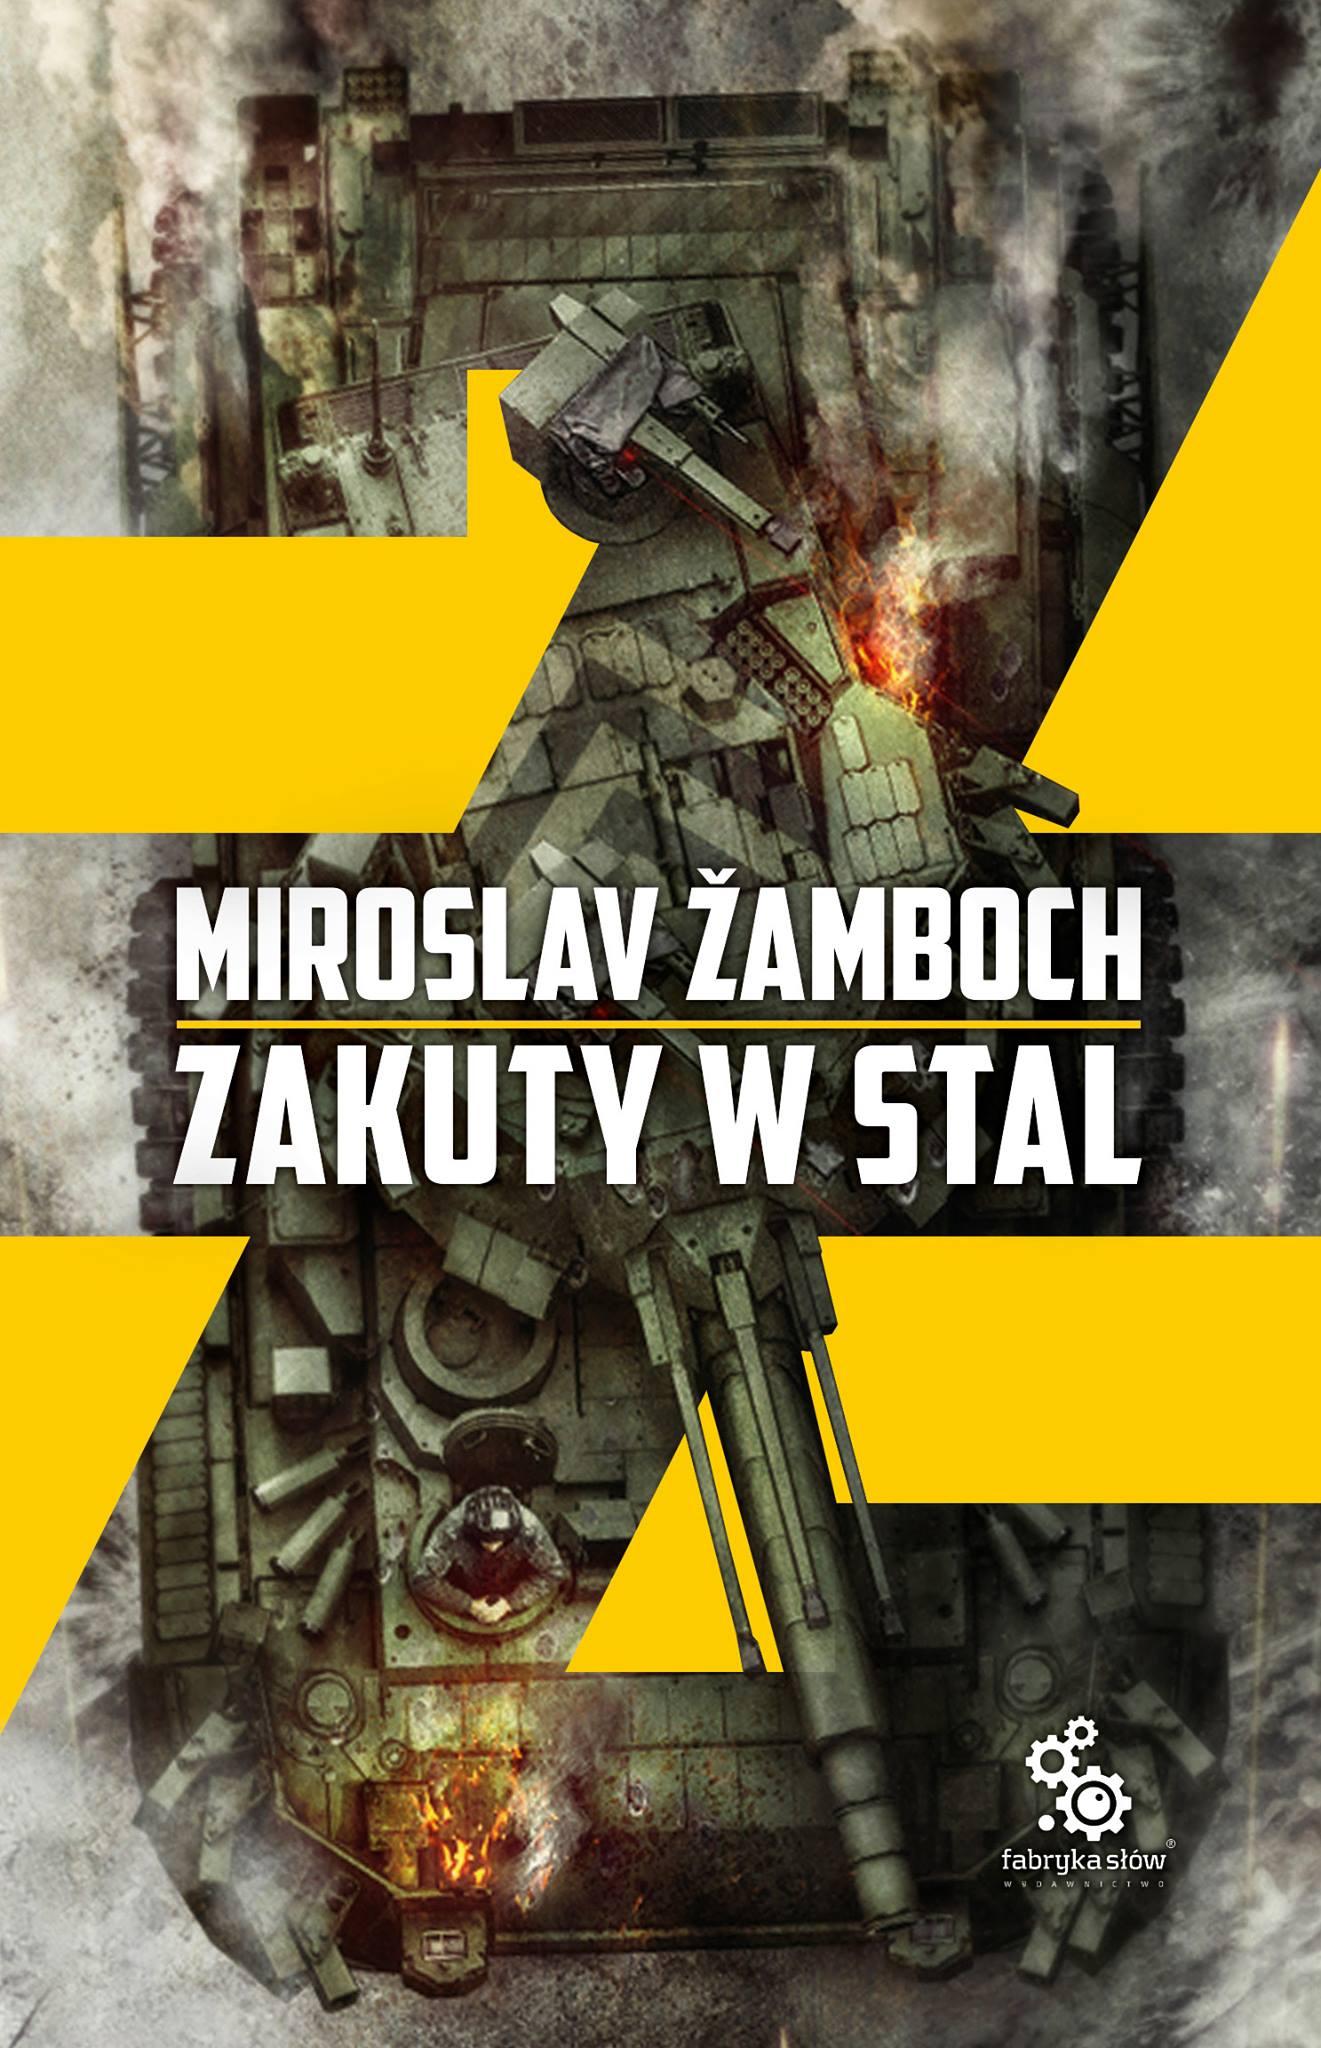 Zakuti v polsku